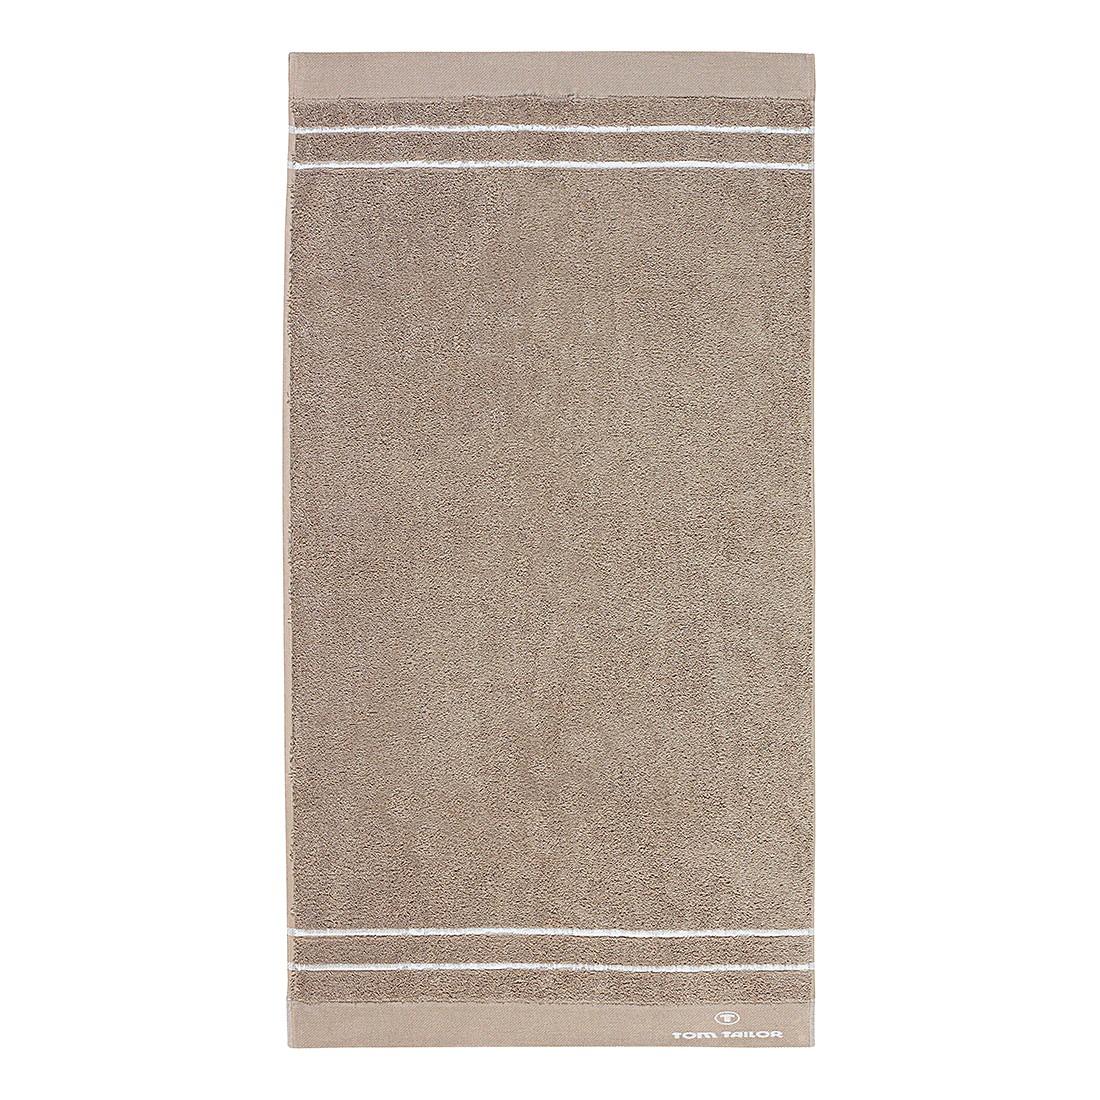 Handtuch Wellness Walk-Frottier II – Beige – Handtuch: 50 x 100 cm, Tom Tailor online bestellen